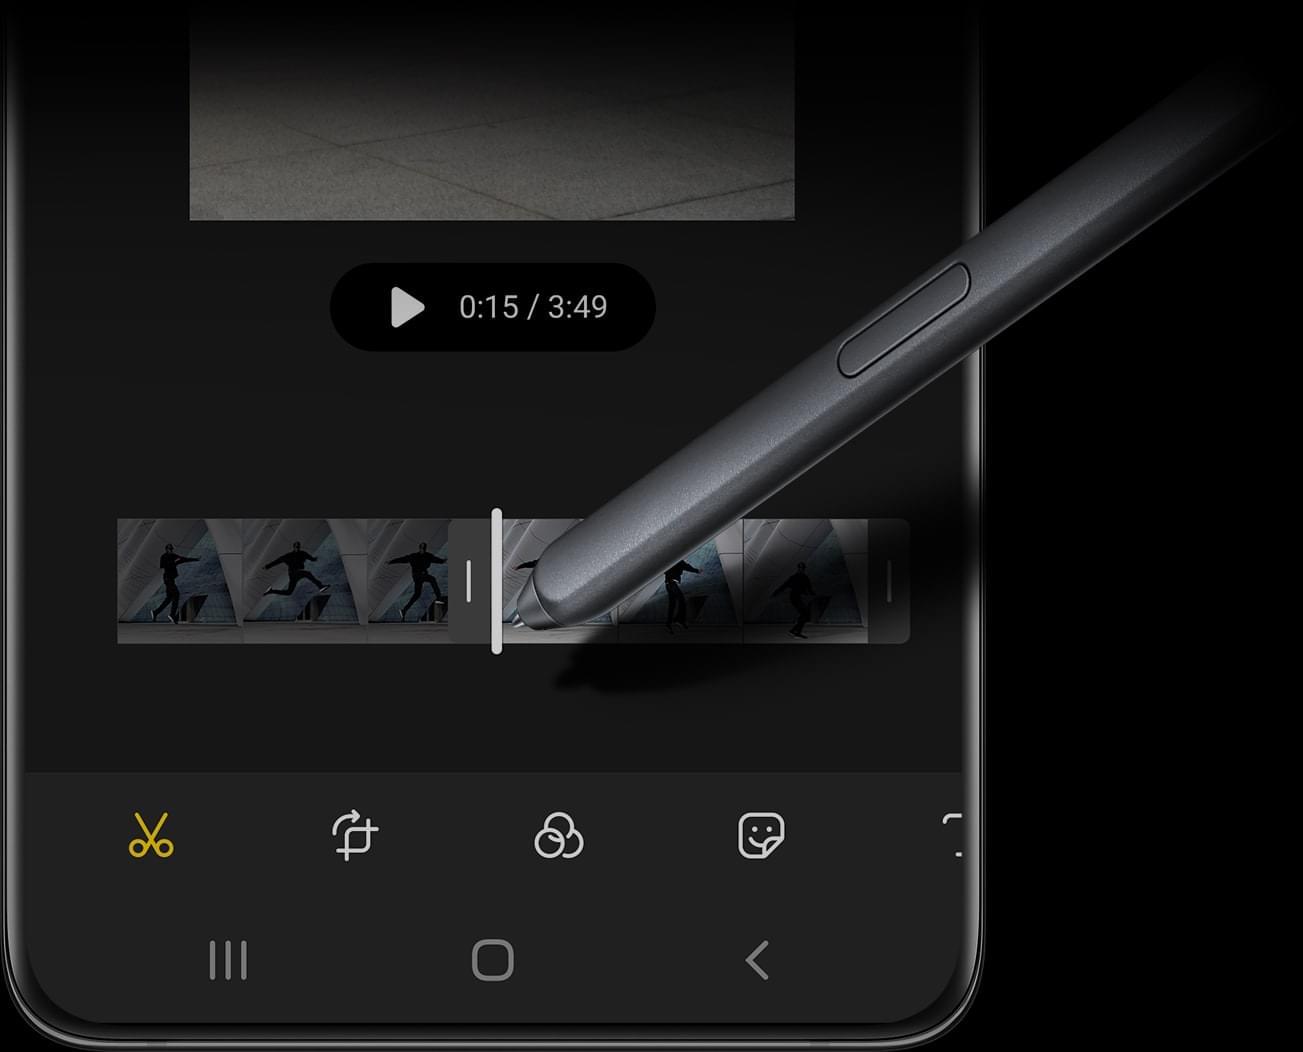 galaxy s21 ultra 5g highlights pen